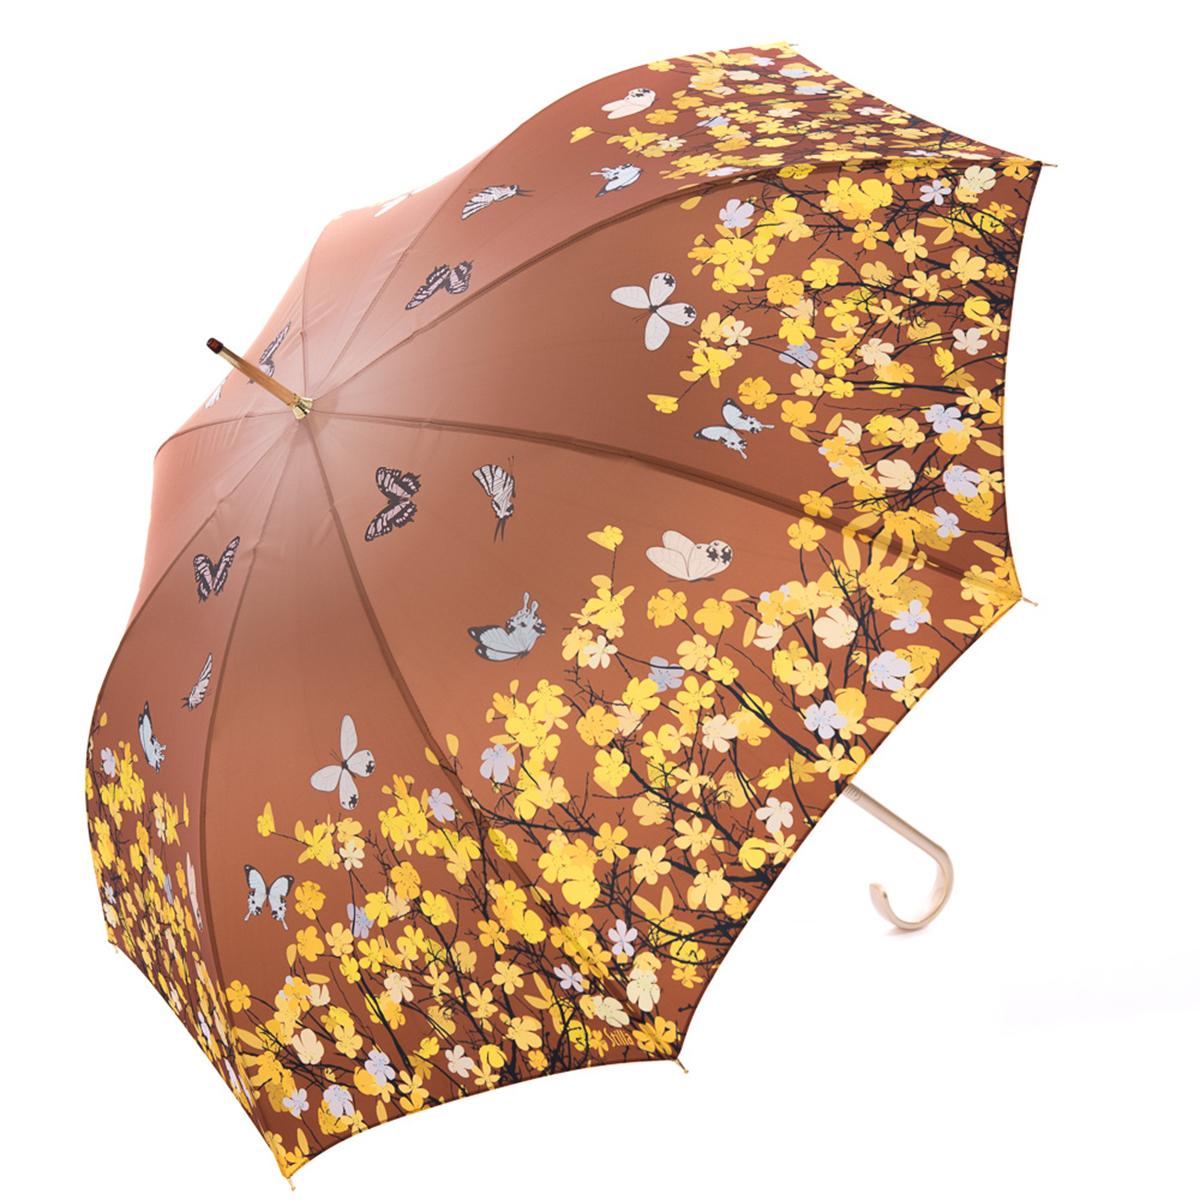 Зонт-трость женский Stilla, цвет: коричневый, желтый. 741/1 auto45100948B/32793/5900NЗонт-трость Stilla надежно защитит вас от дождя. Купол, оформленный оригинальным принтом, выполнен из высококачественного ПВХ, который не пропускает воду.Каркас зонта и спицы выполнены из высококарбонистой стали. Зонт имеет автоматический тип сложения: открывается и закрывается при нажатии на кнопку. Удобная ручка выполнена из пластика.